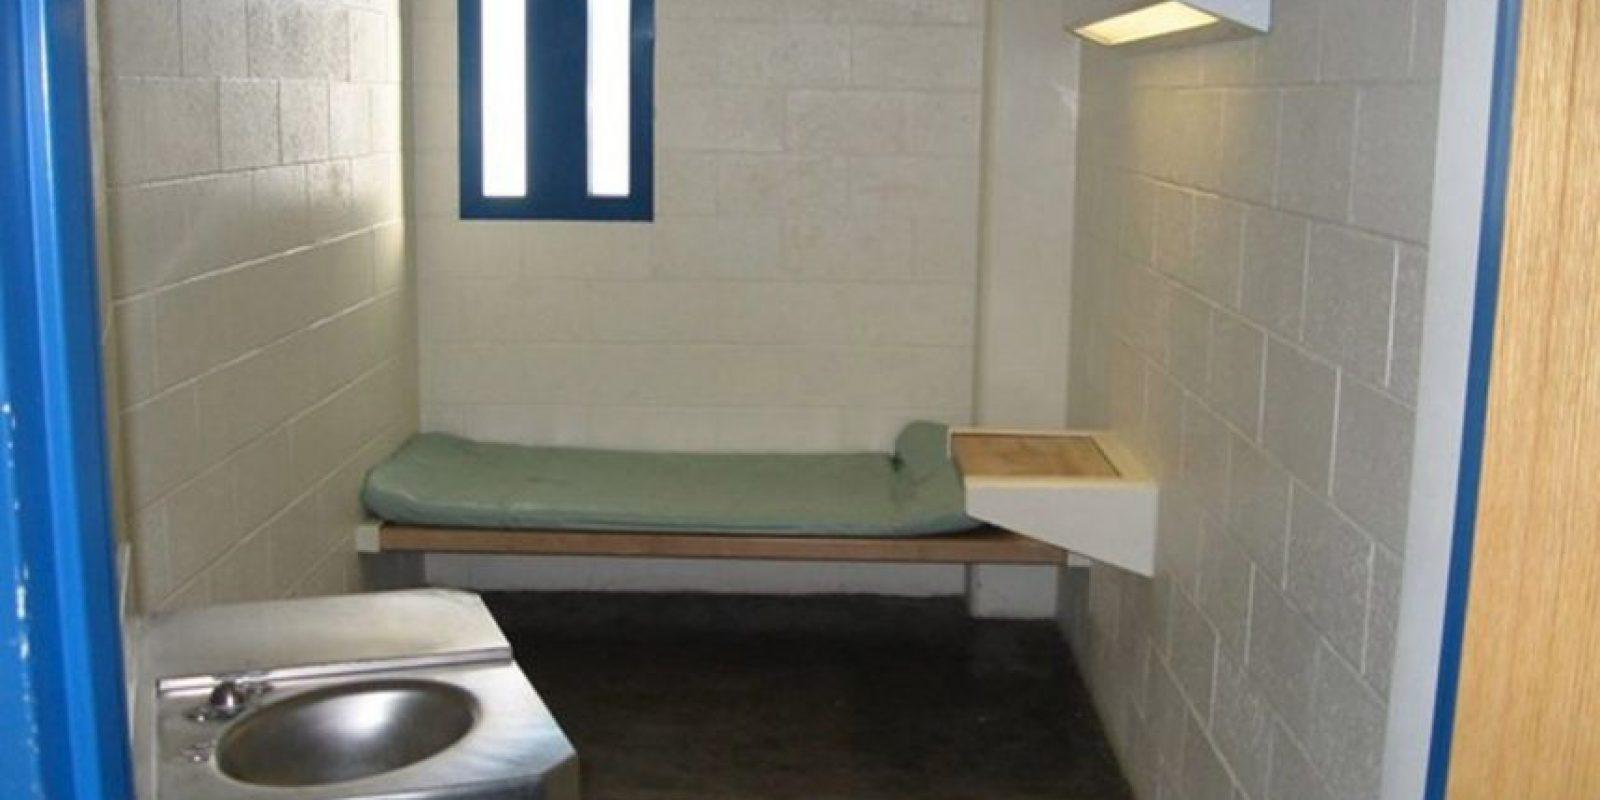 4. Se estima que más de dos millones de personas están encarceladas en Estados Unidos. Foto:Getty Images